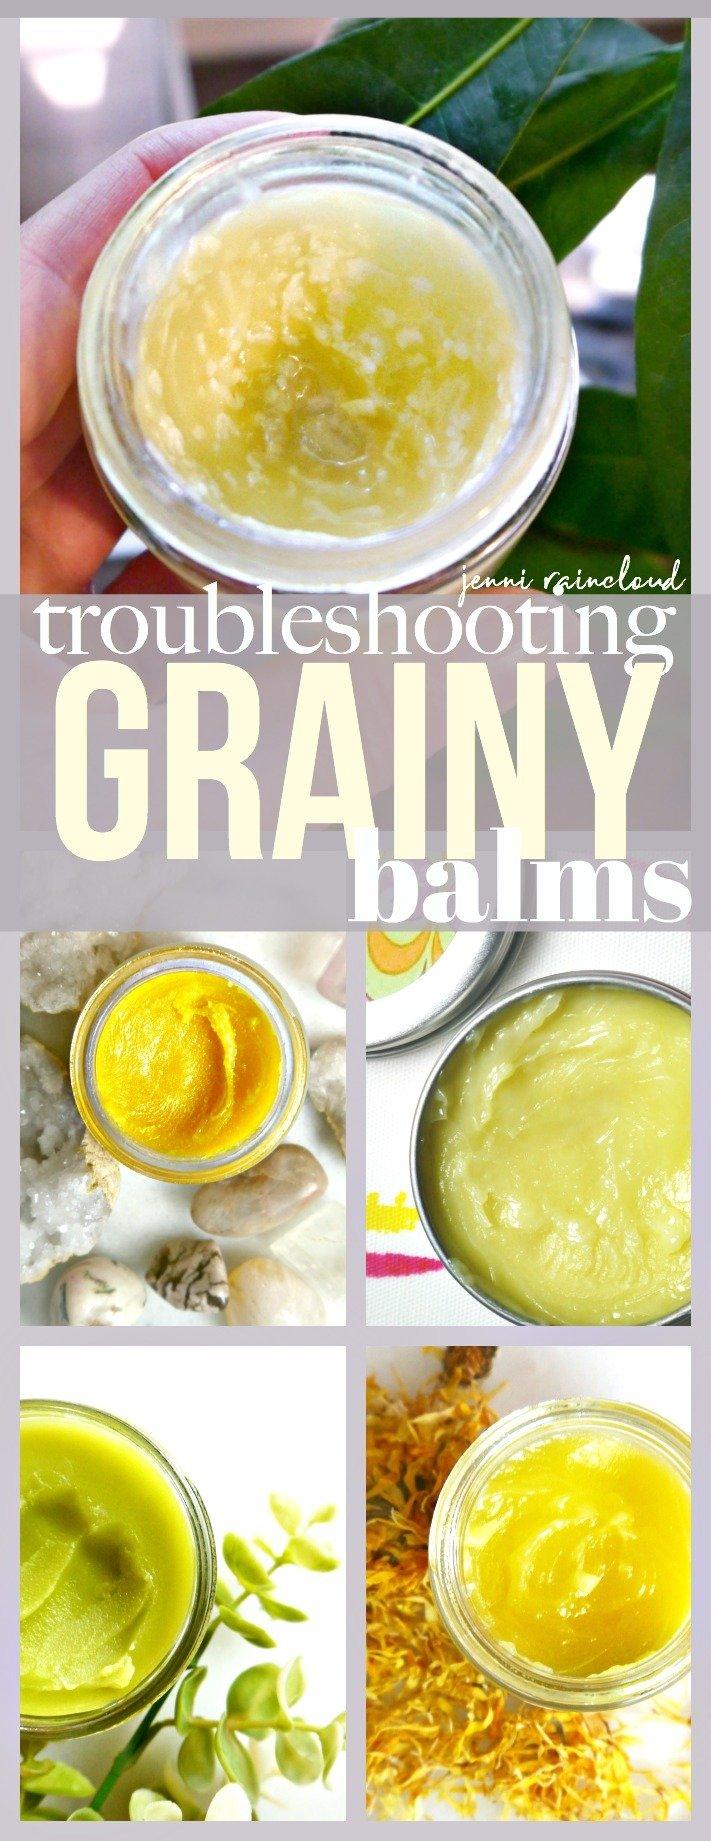 Troubleshooting Grainy Balms